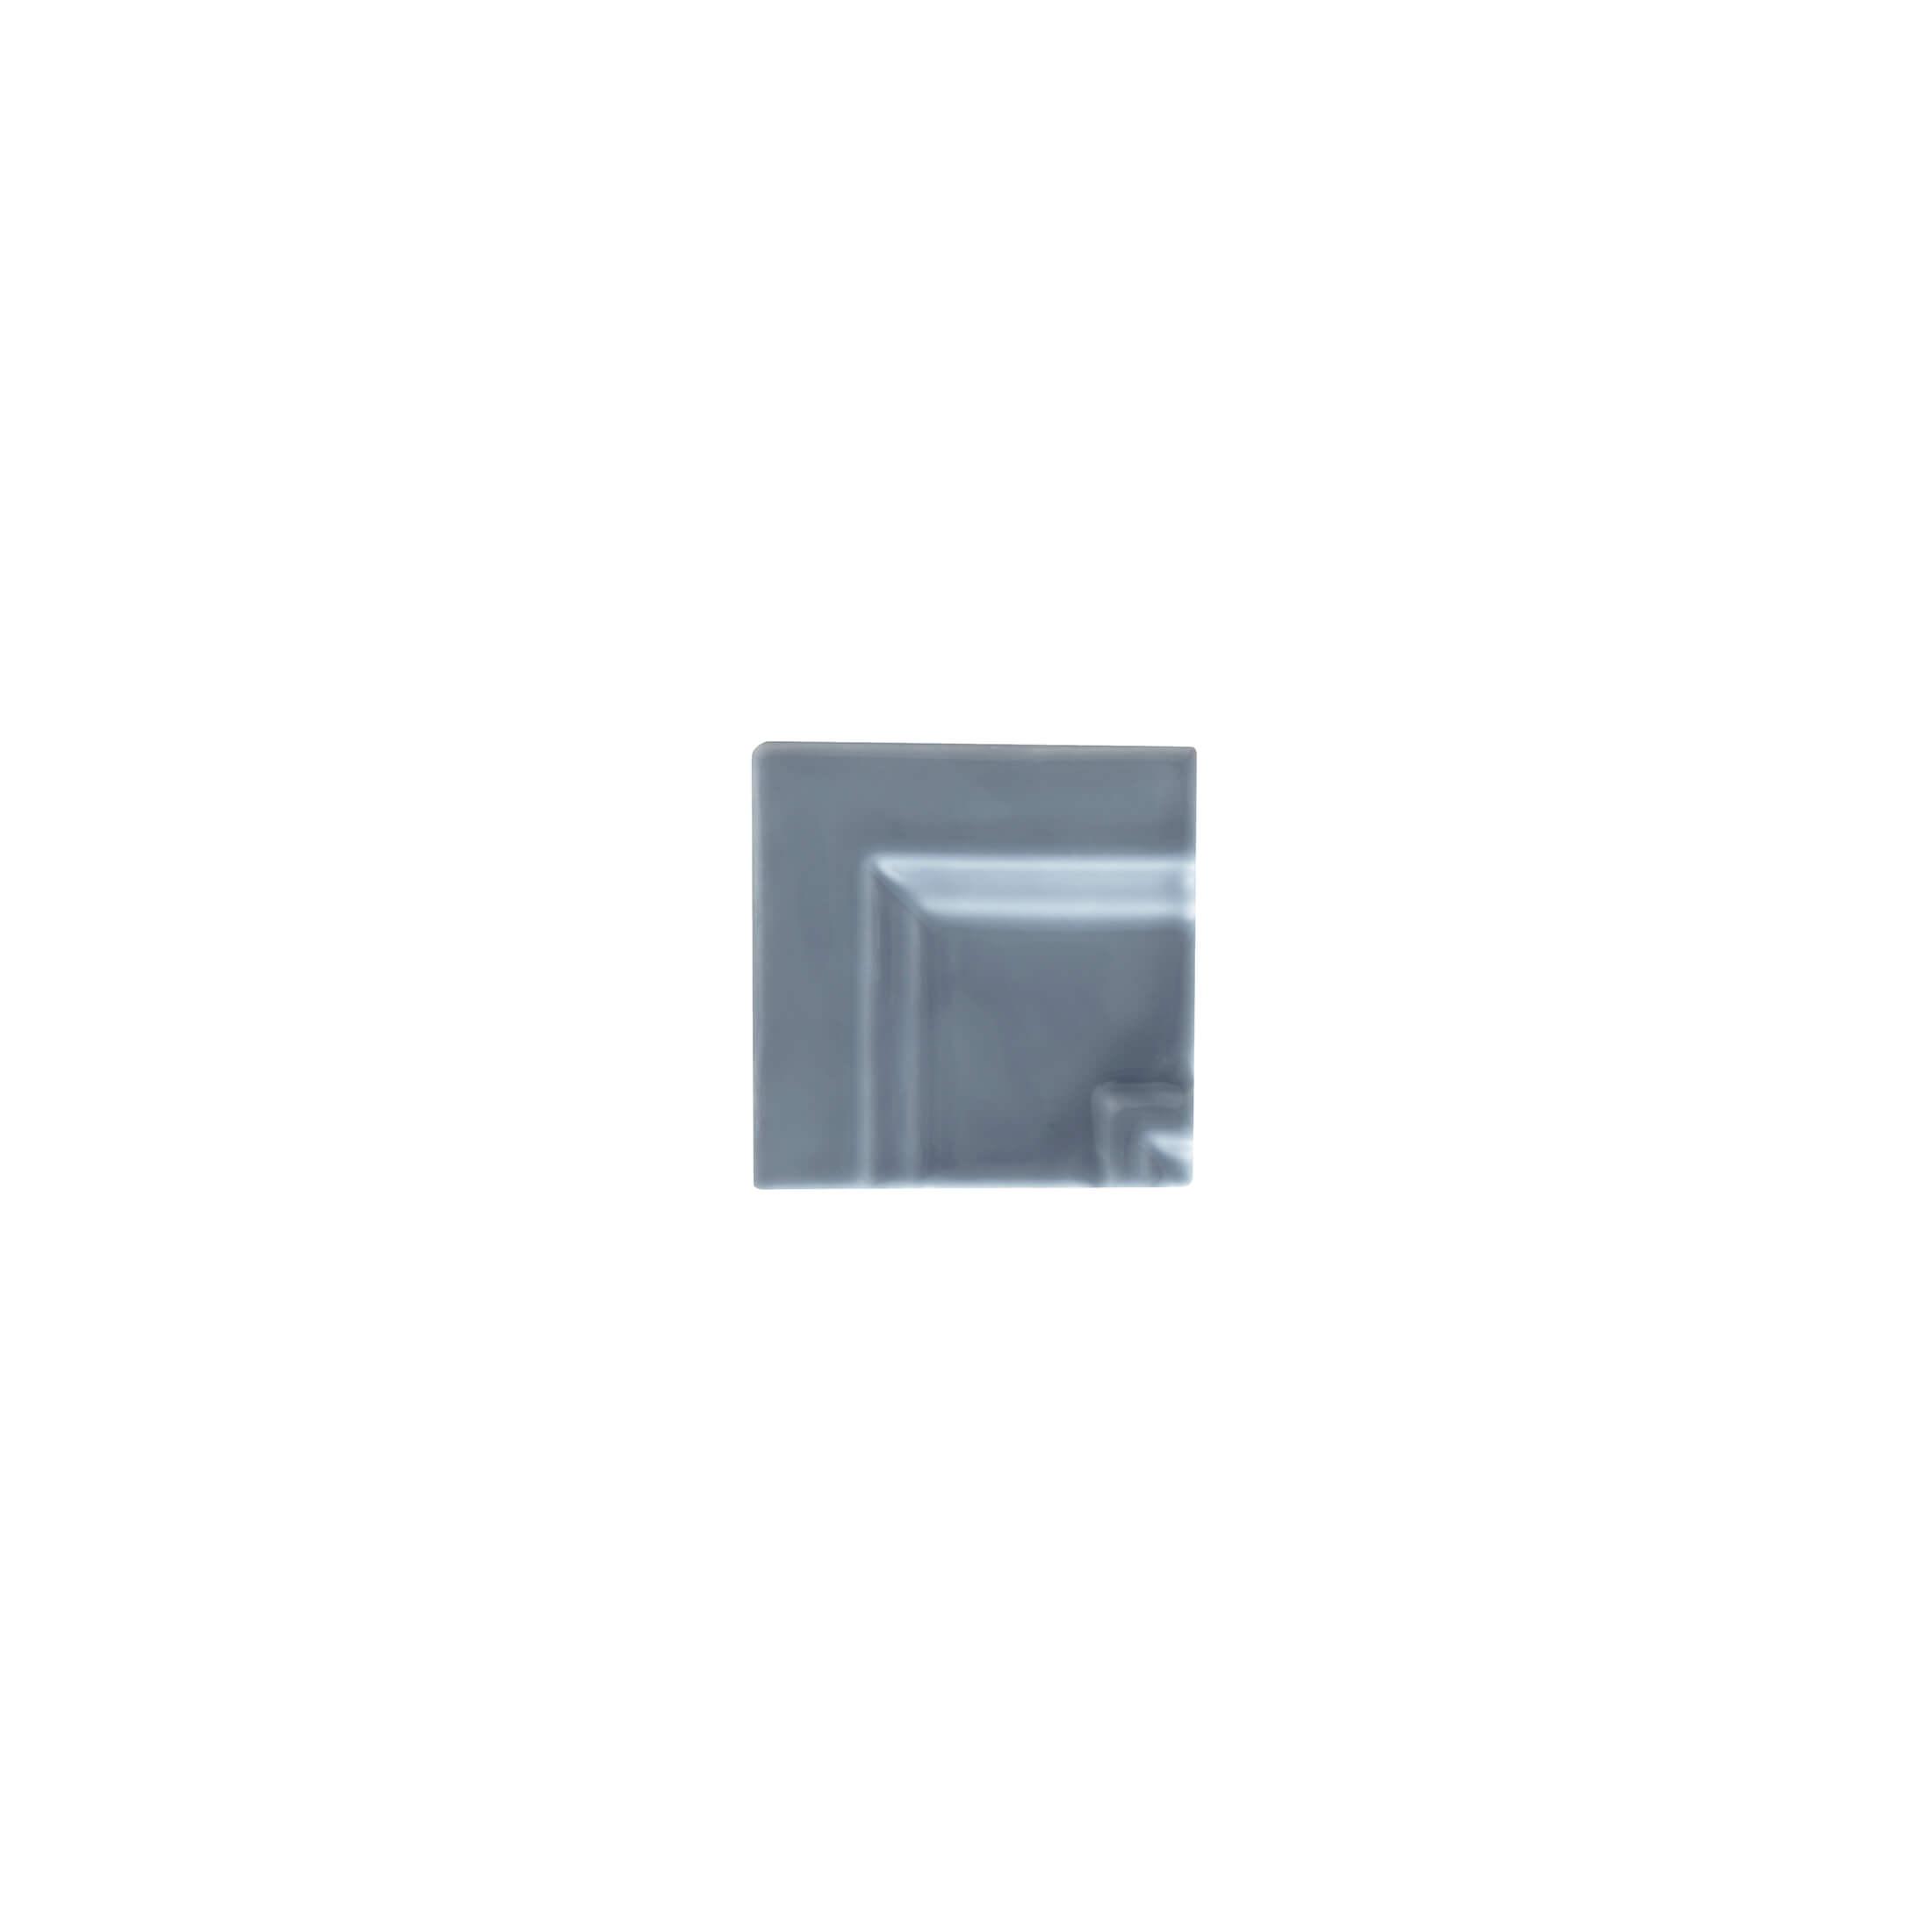 ADNE5605 - ANGULO MARCO CORNISACLASICA - 7.5 cm X 15 cm